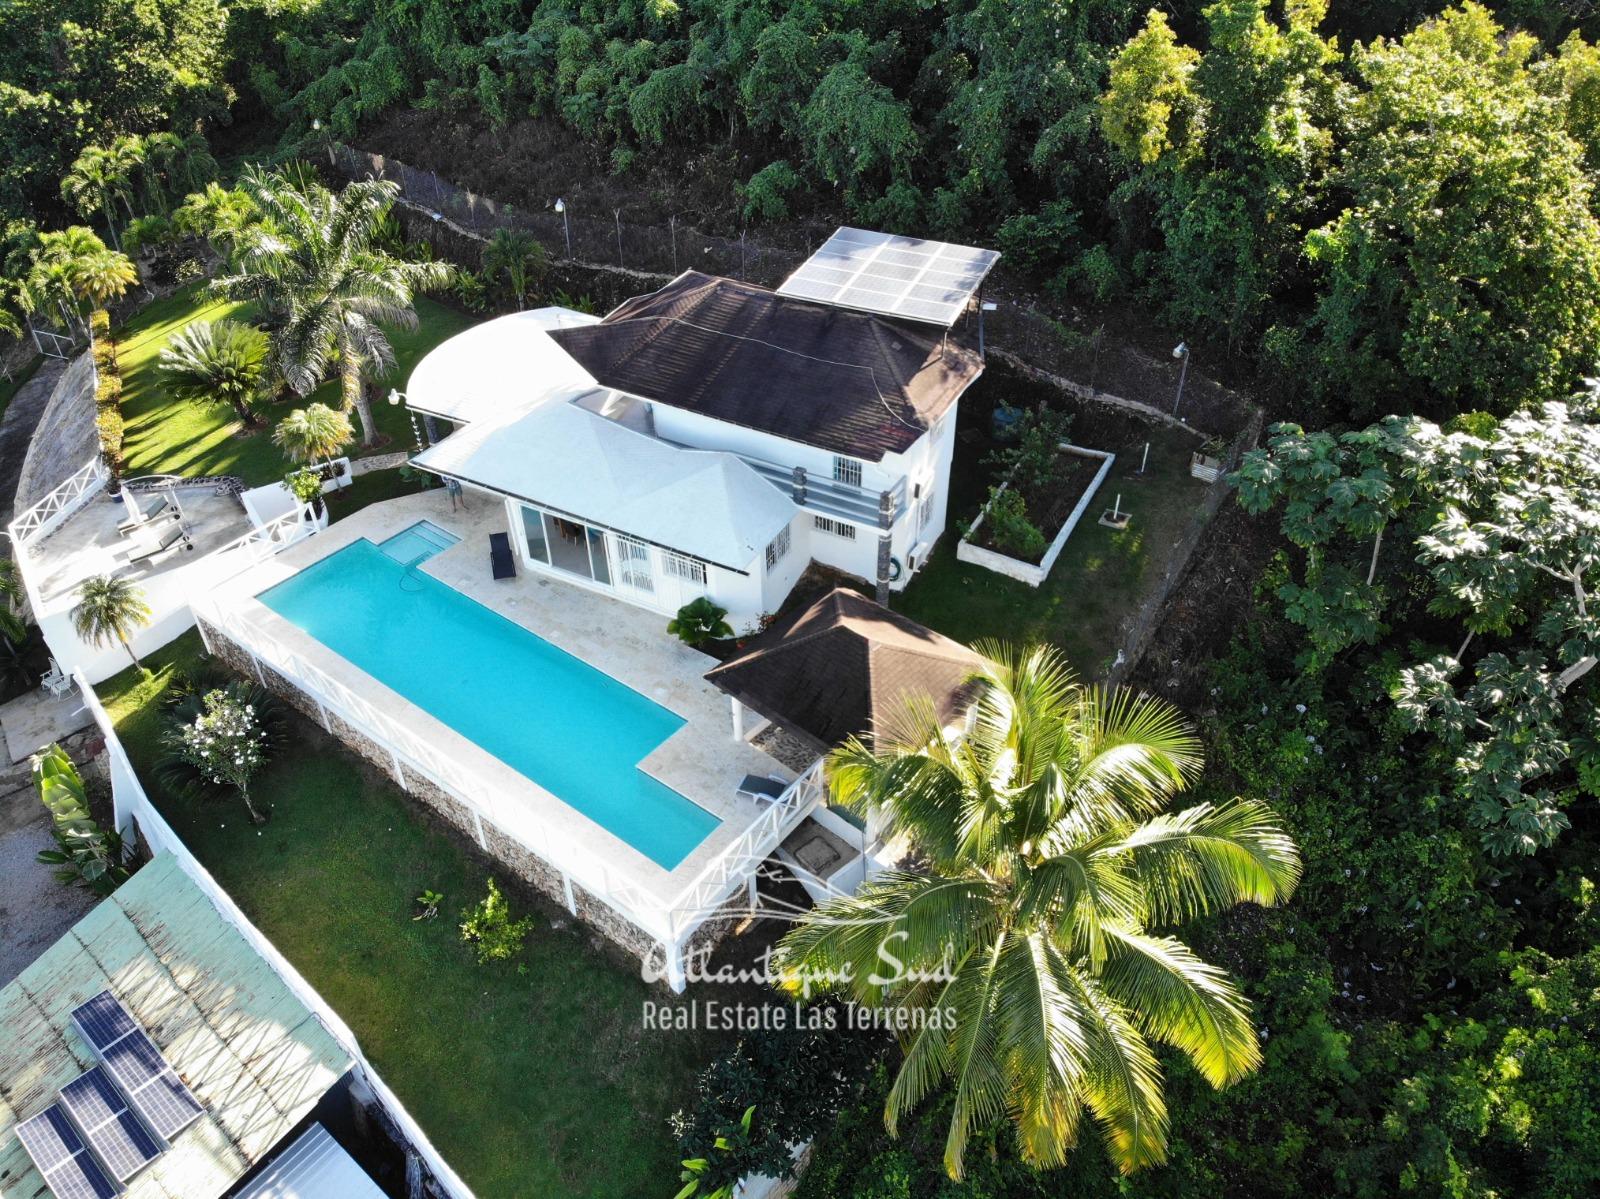 Villa for sale on a hill in Las Terrenas Dominican republic11.jpeg